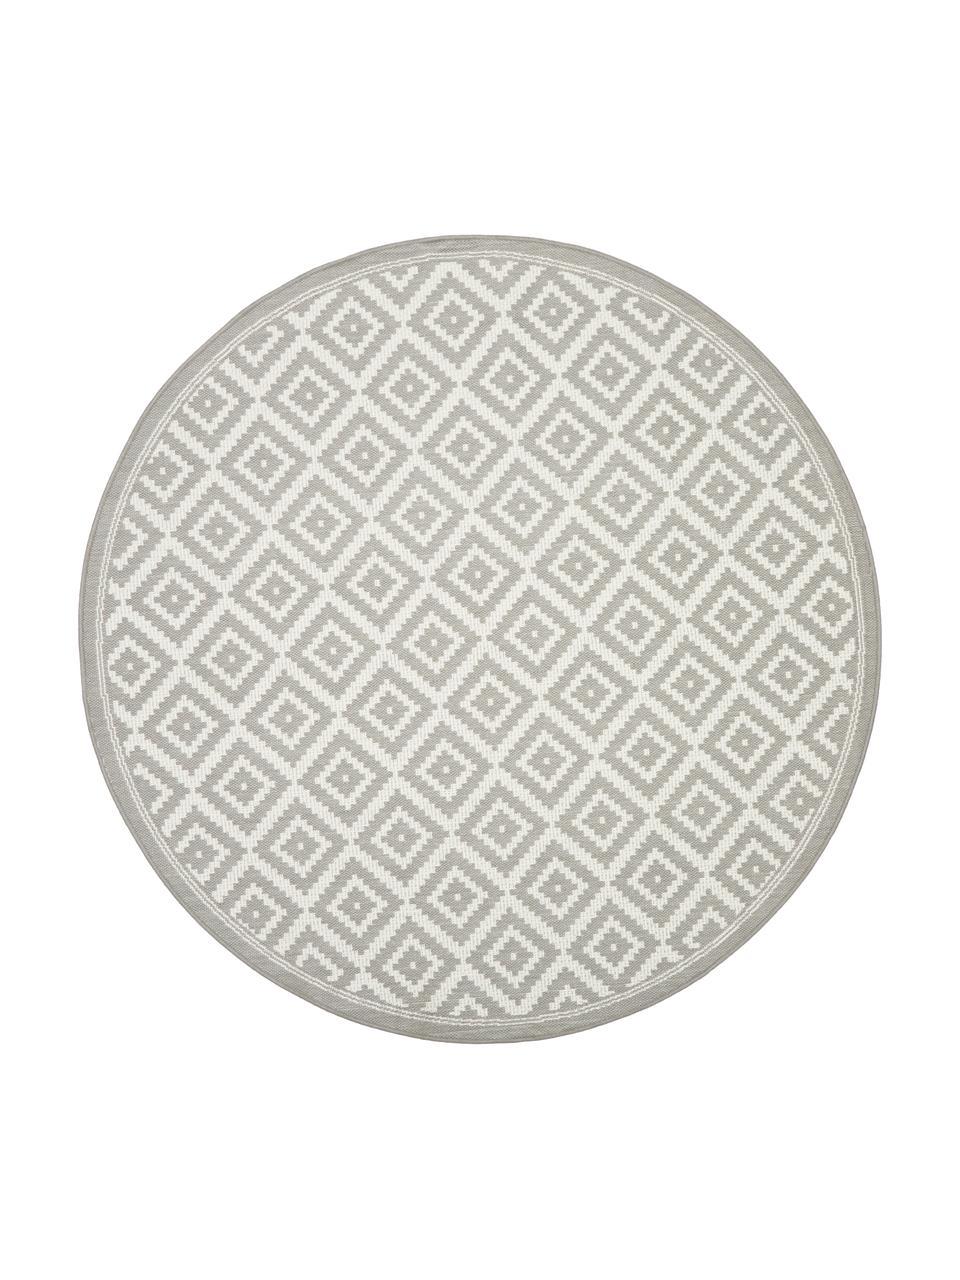 Tappeto rotondo fantasia color grigio/bianco da interno-esterno Miami, 86% polipropilene, 14% poliestere, Bianco, grigio, Ø 200 cm (taglia L)